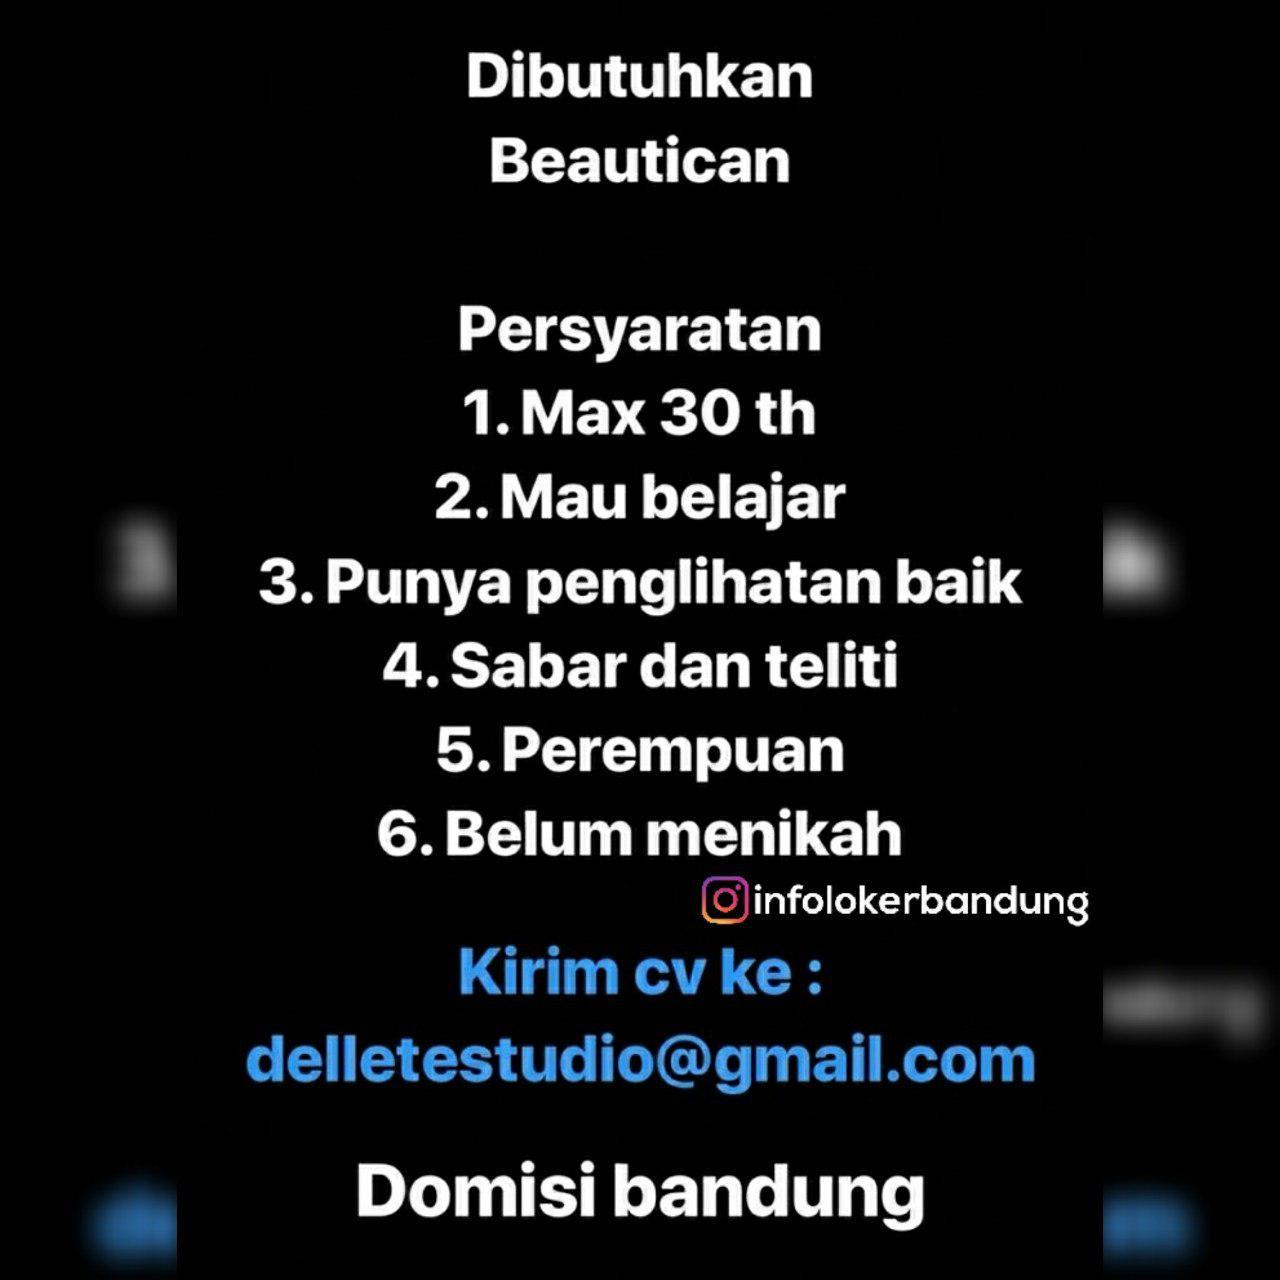 Lowongan Kerja Dellete Studio Bandung Juli 2018